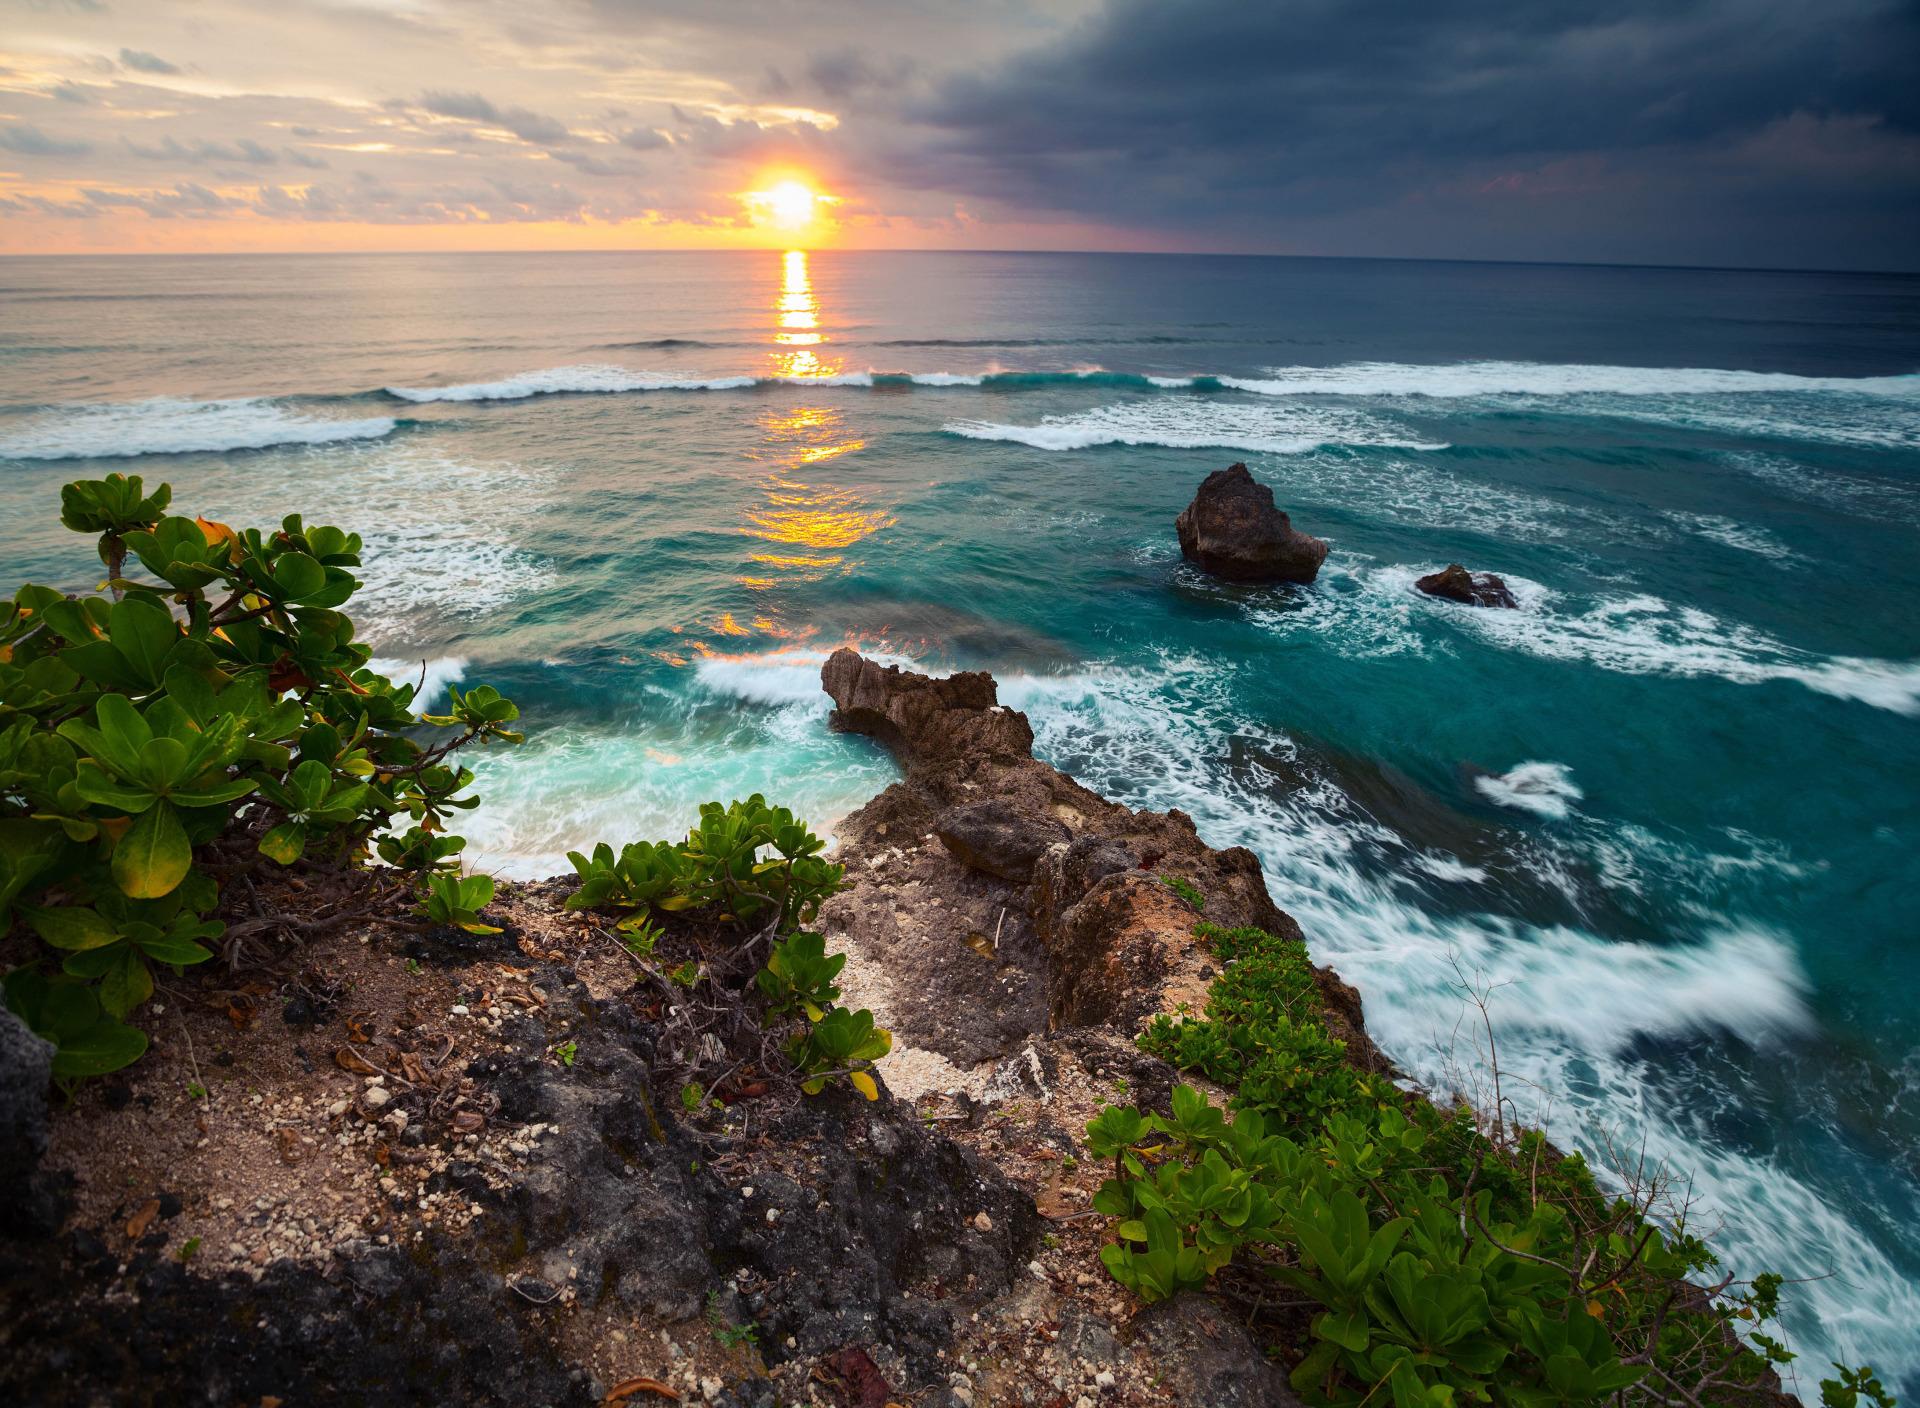 красивые фото океана с побережьем имеют оттенков, отличаются